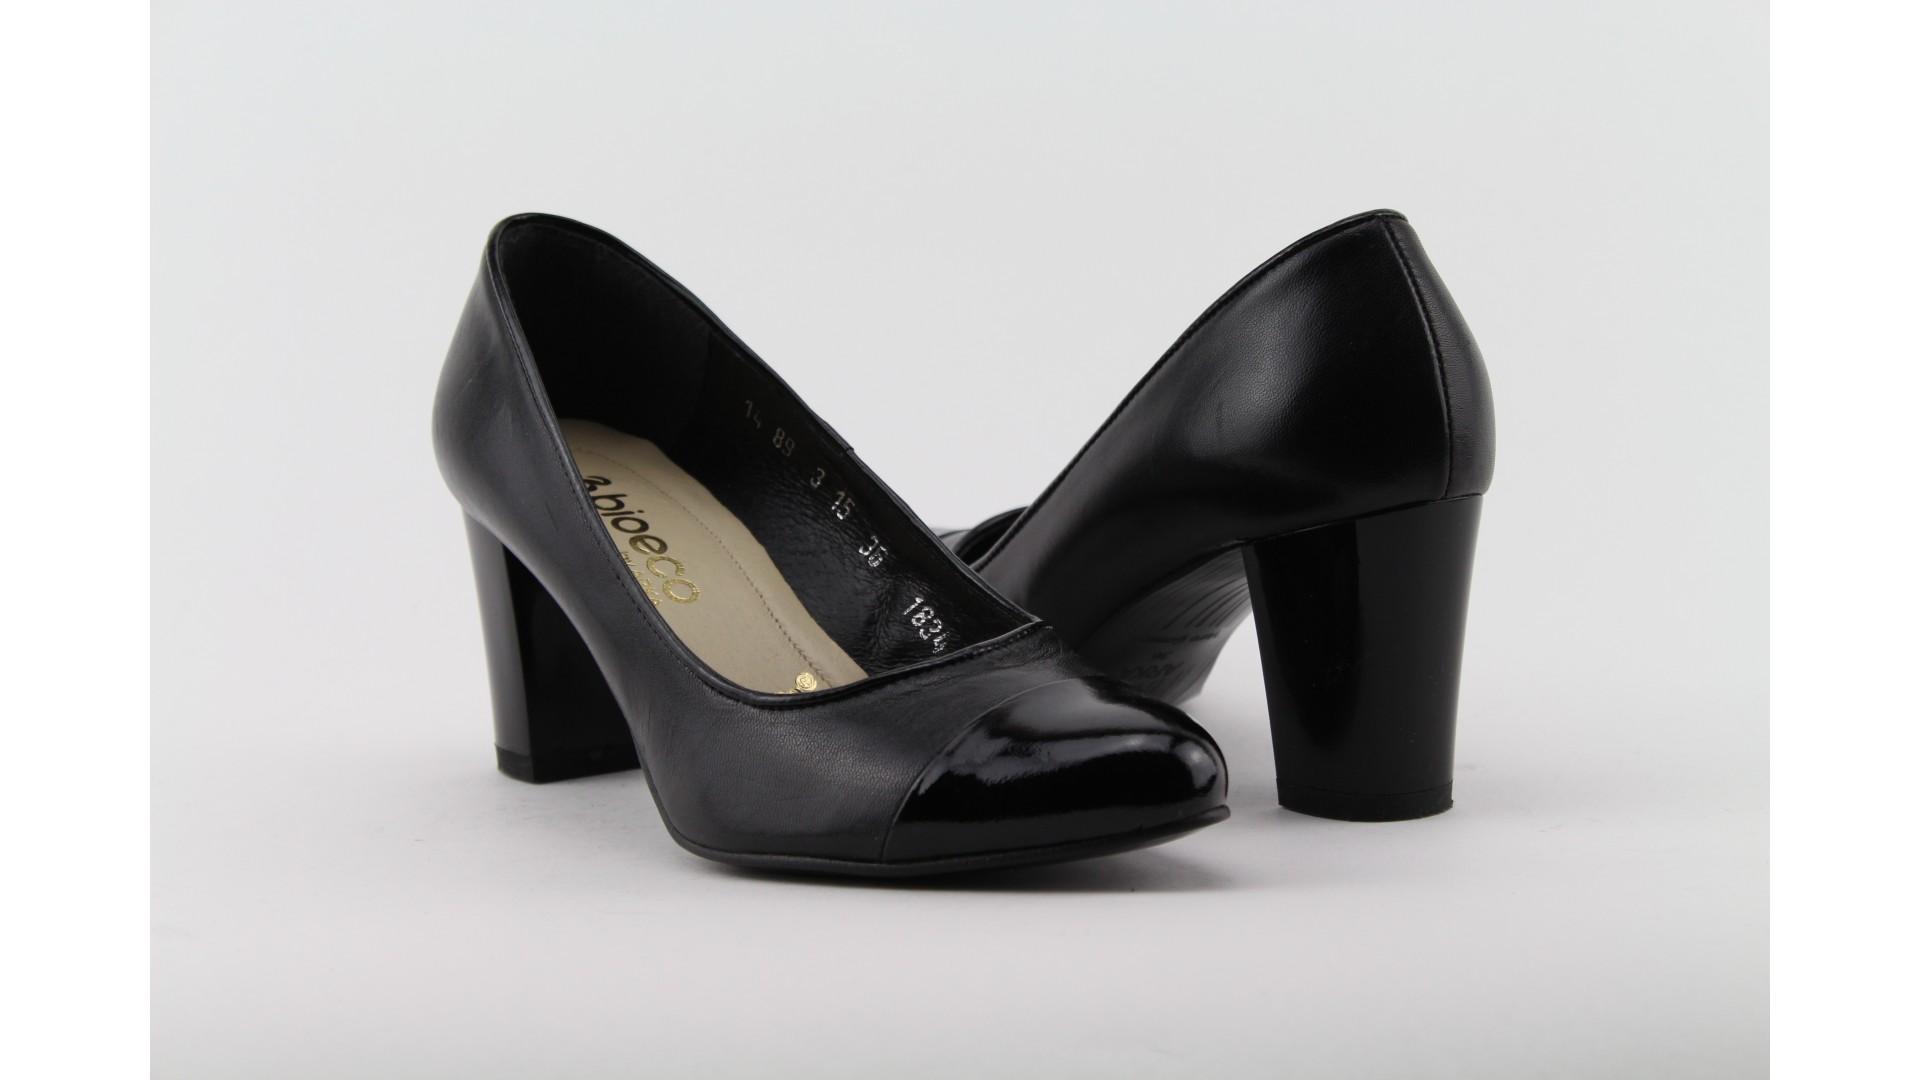 Bioeco fekete magassarkú cipő e8bb7dbc03